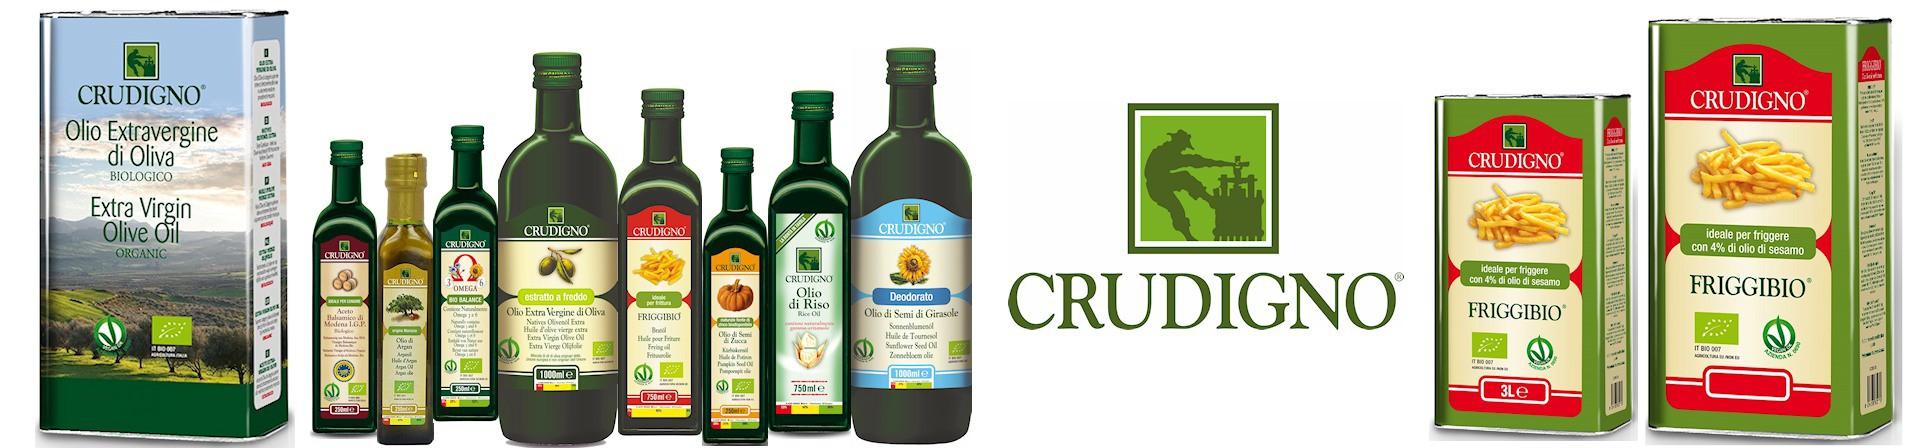 Oli di semi biologici, girasole, sesamo, lino, riso, vinacciolo, zucca, friggibio - CRUDIGNO vendita online